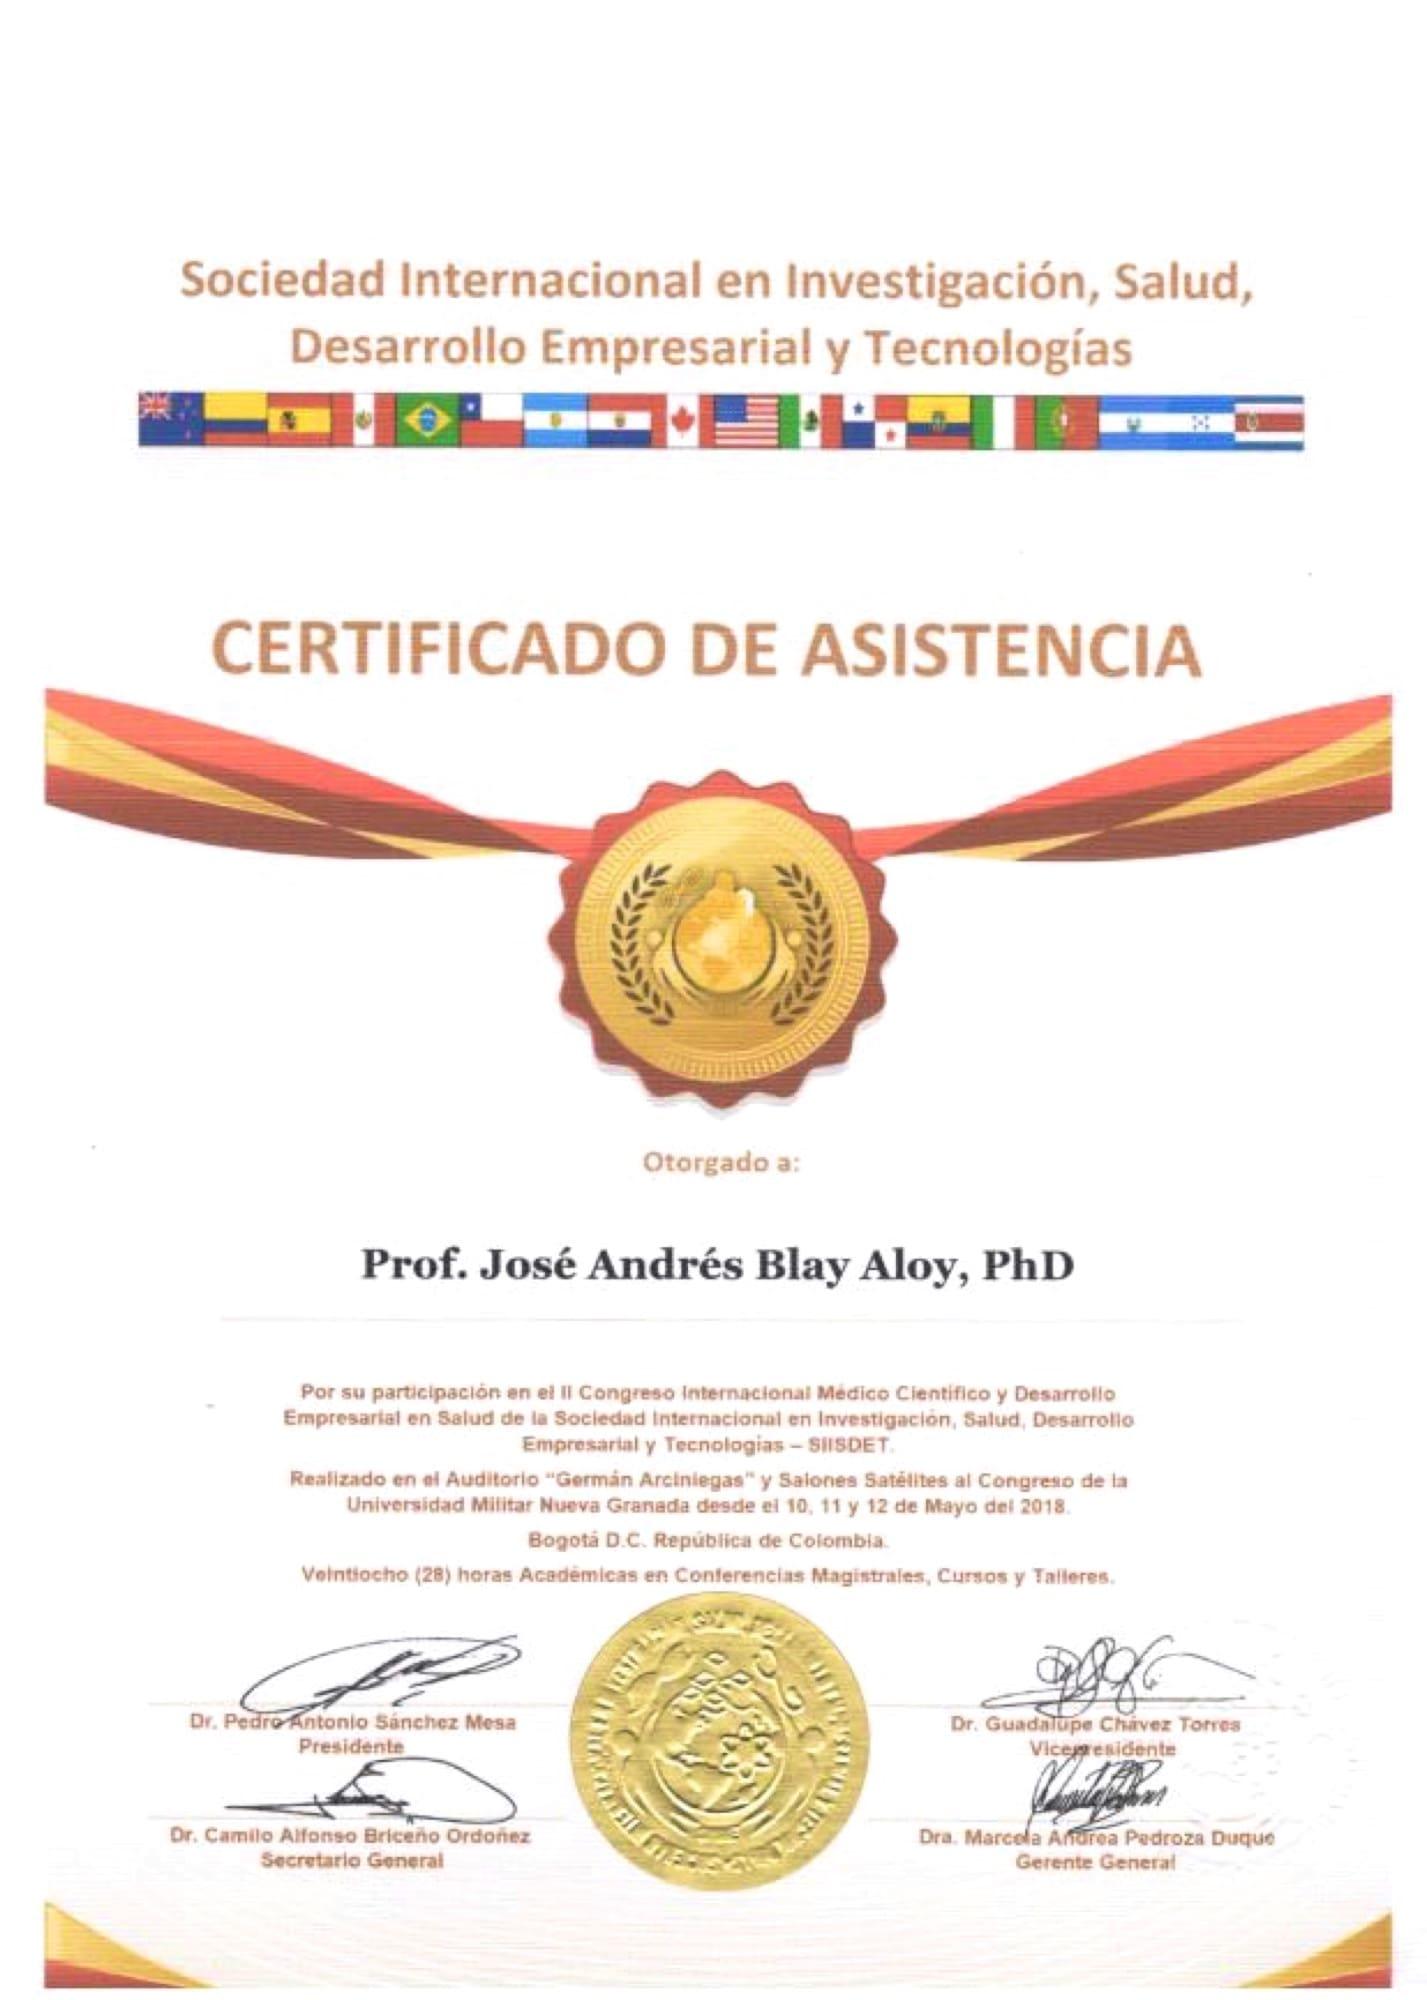 Certificado Asistencia II Congreso Internacional Médico Científico y Desarrollo Empresarial SIISDET Jose Andres Blay Aloy